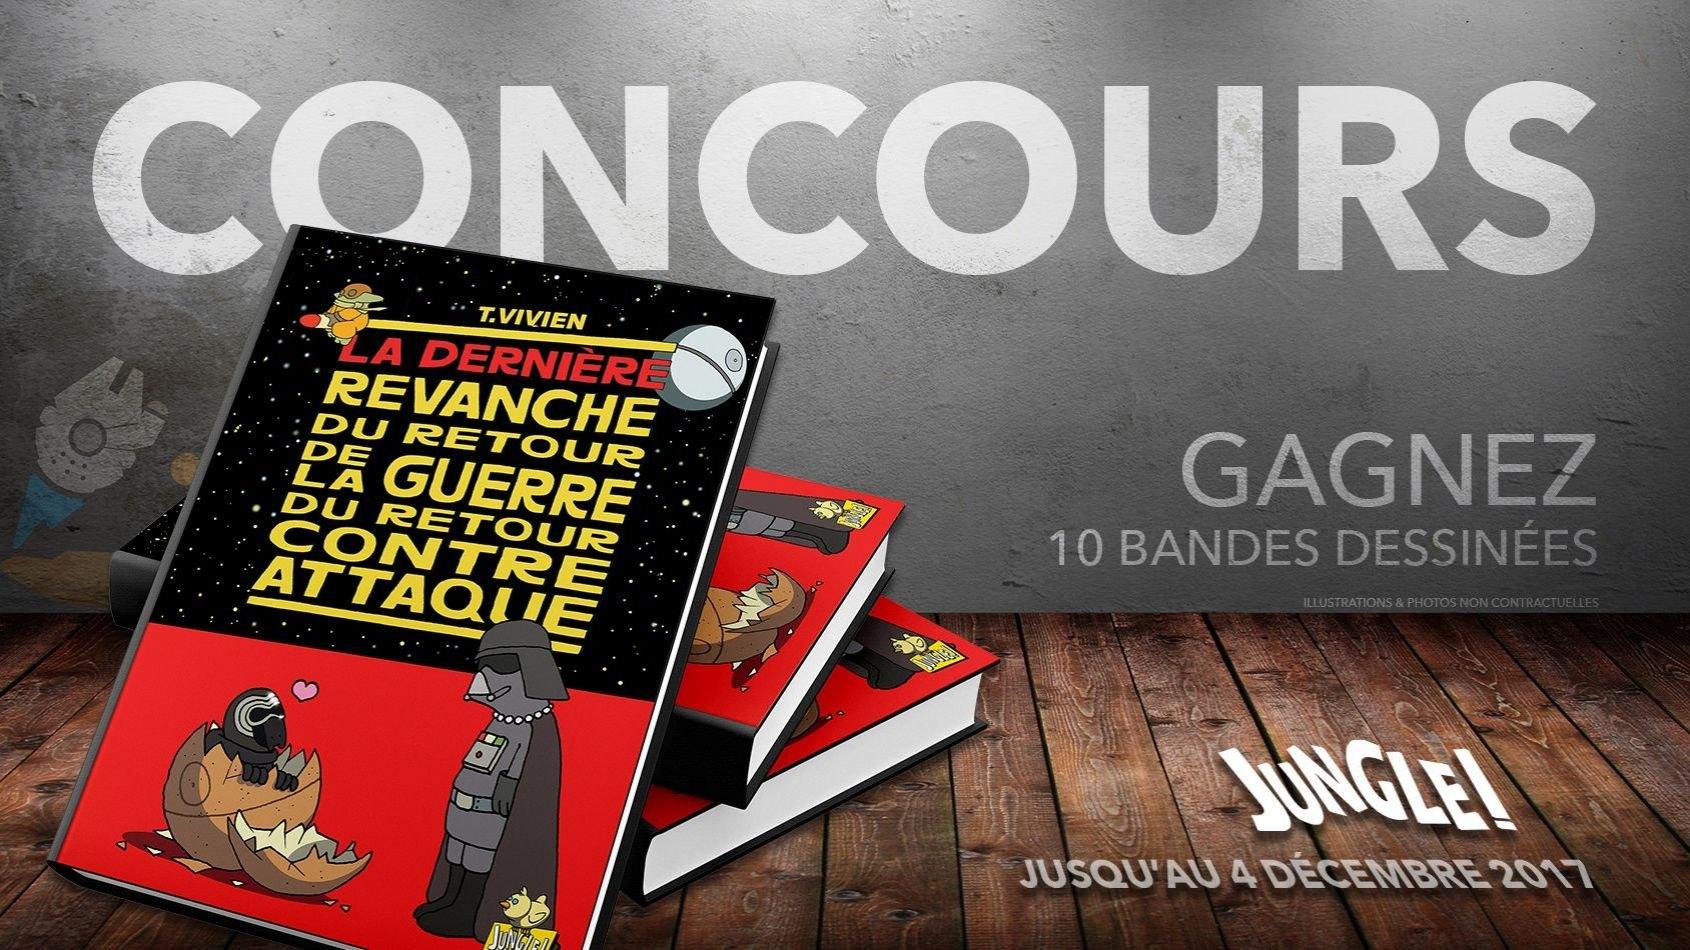 CONCOURS - Gagnez 10 bandes dessinées des éditions Jungle